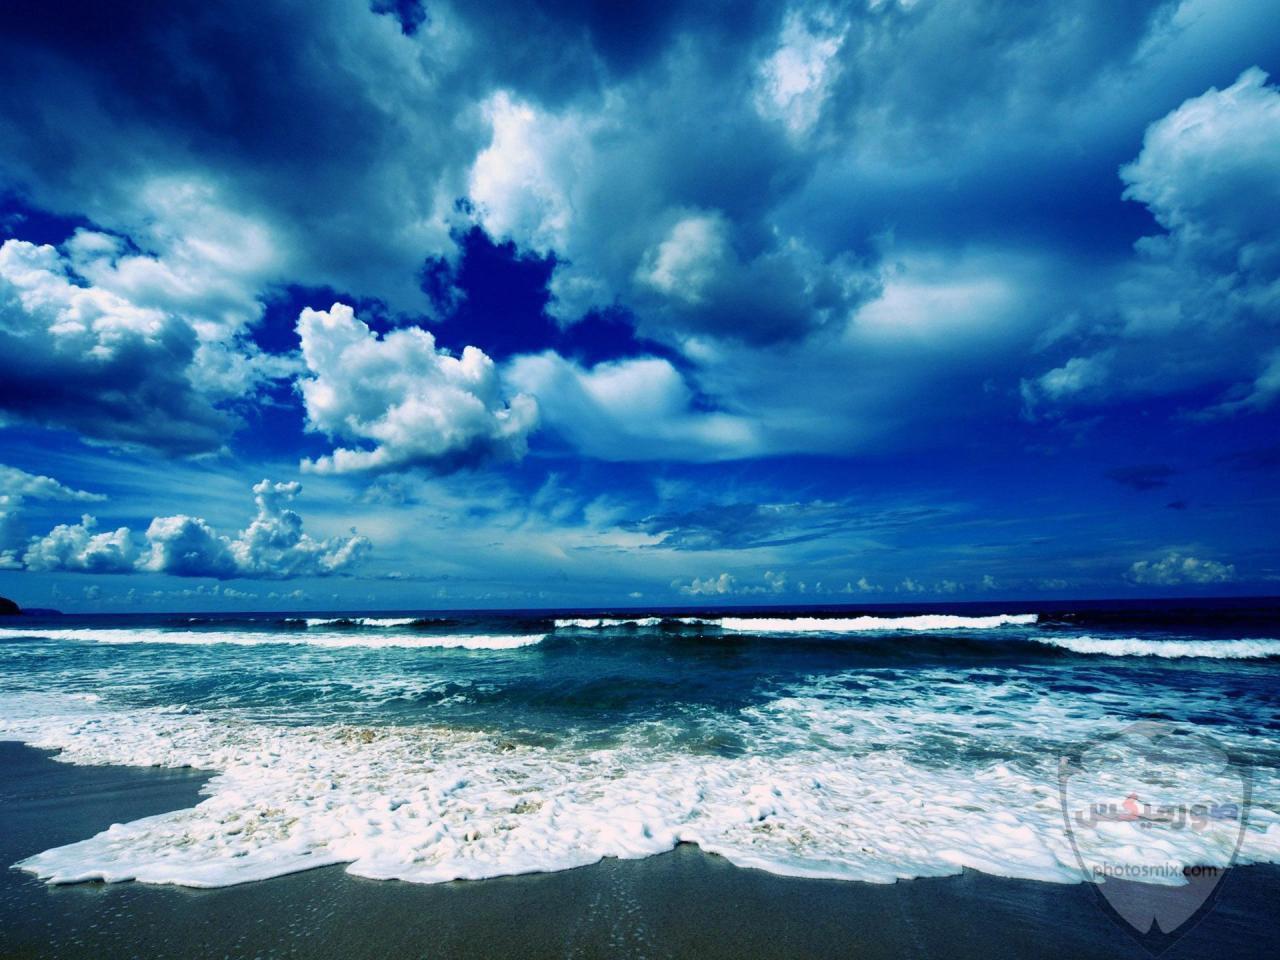 صور شواطئ جميلةصور بحار جميلةصور طبيعية 8